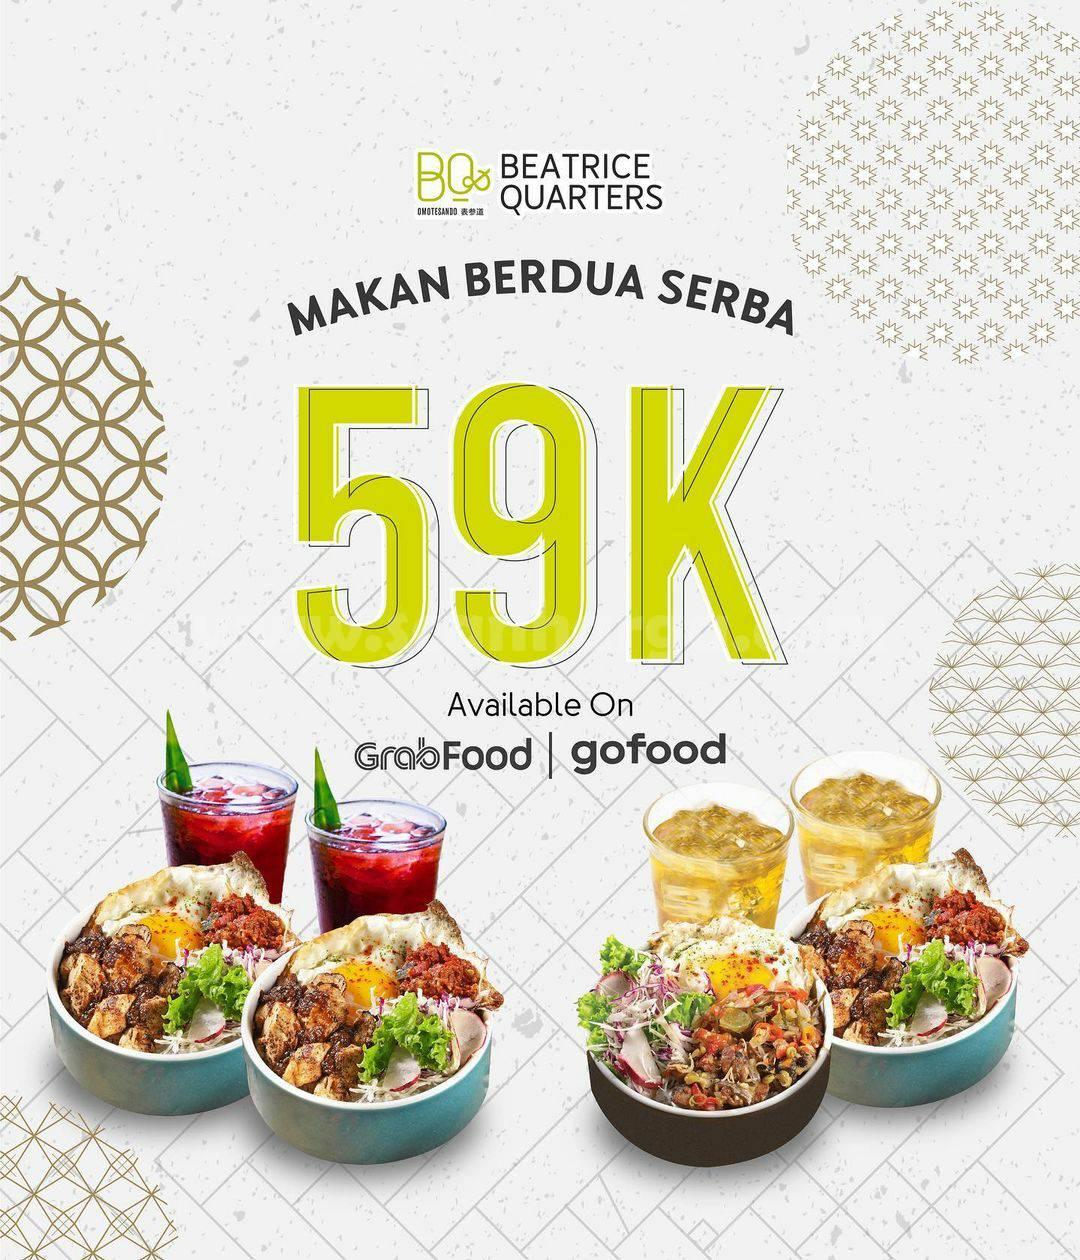 Beatrice Quarters Promo Paket Makan Berdua Serba Rp 59K